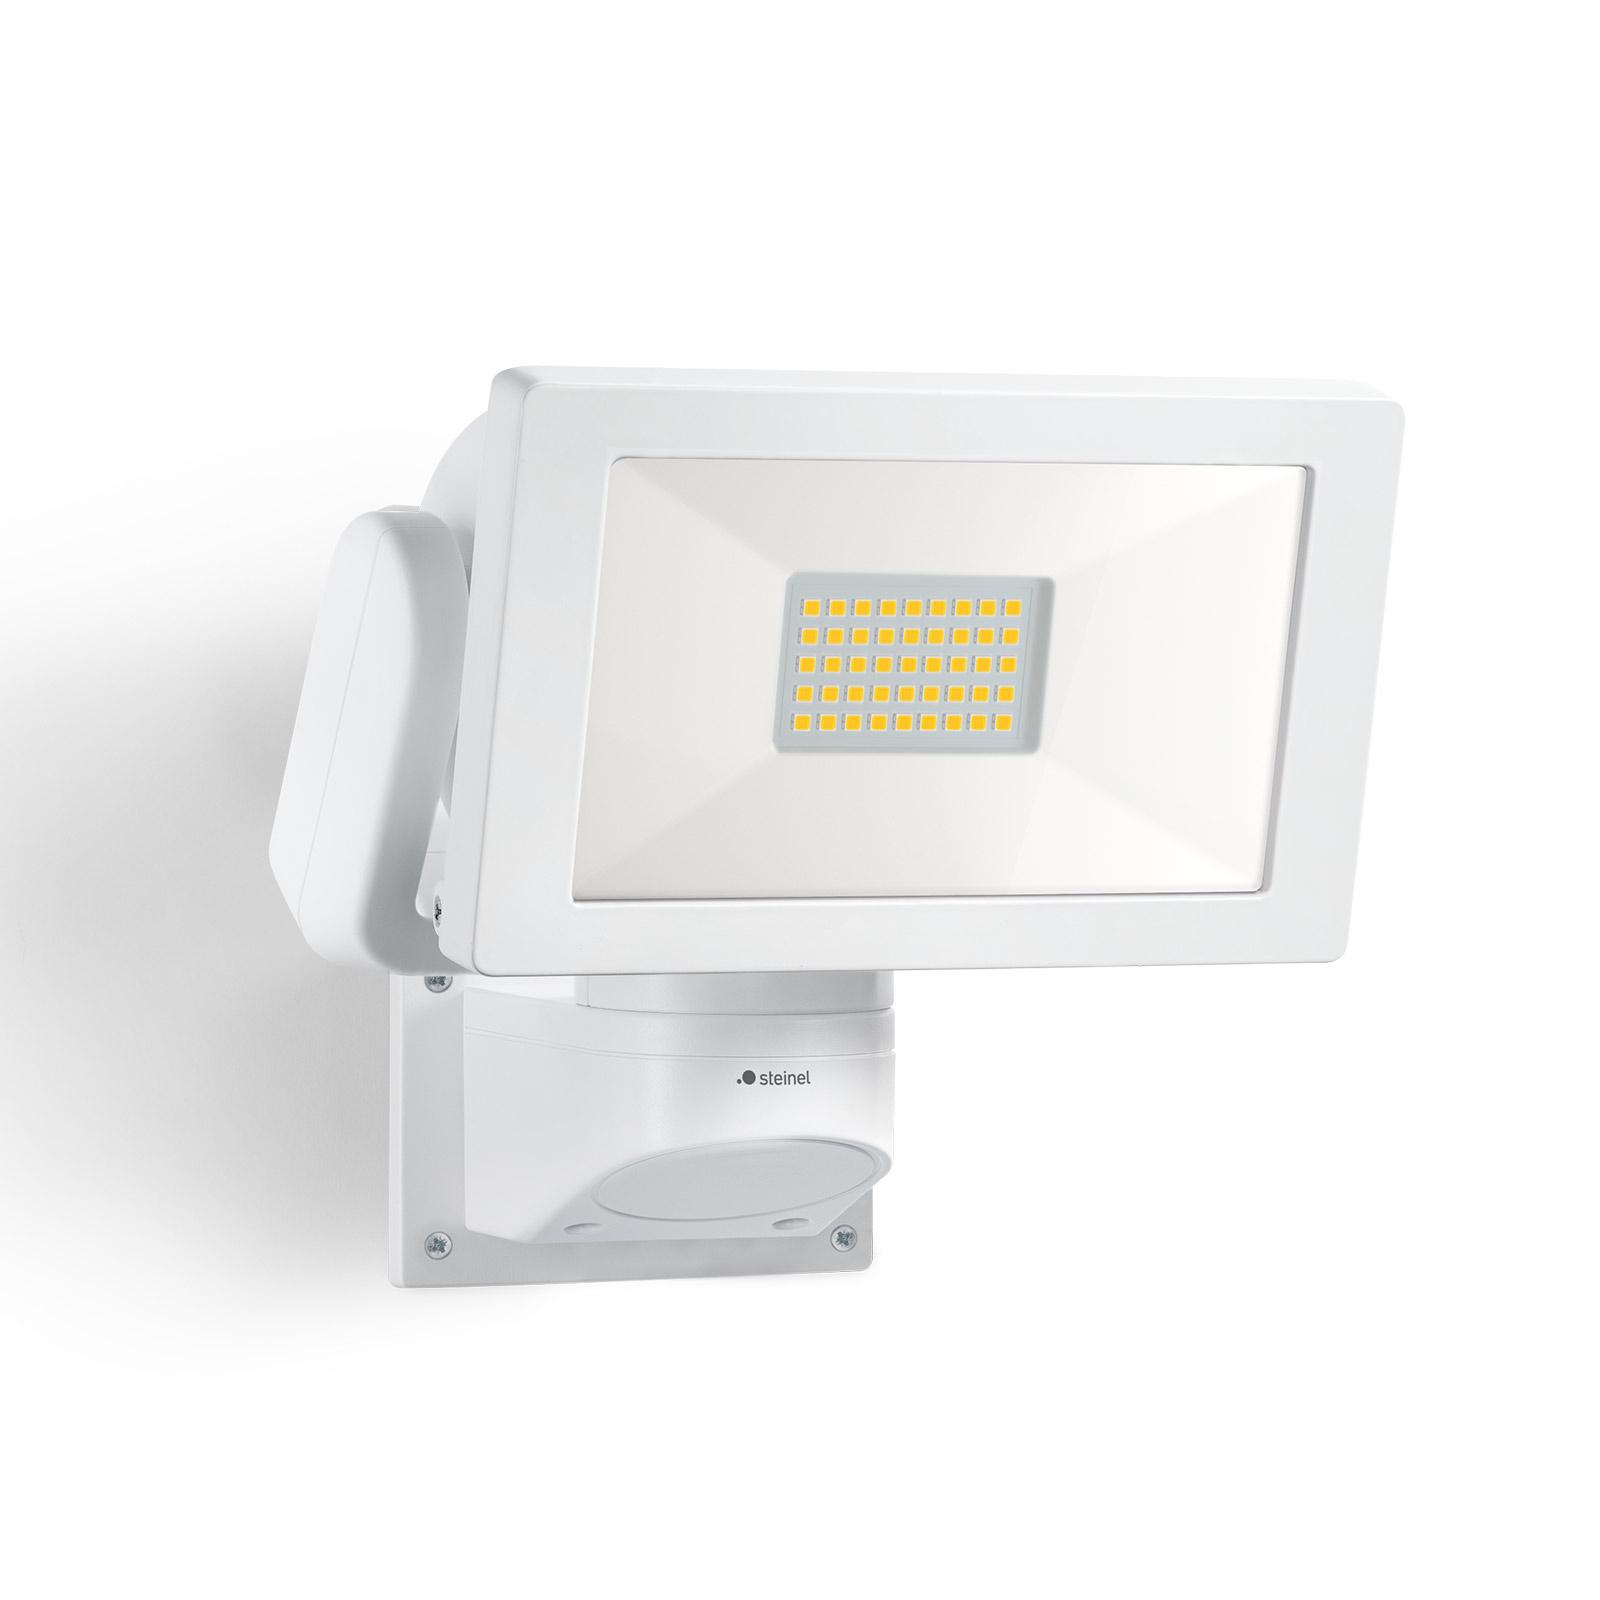 STEINEL LS 300 M LED-Außenstrahler, weiß